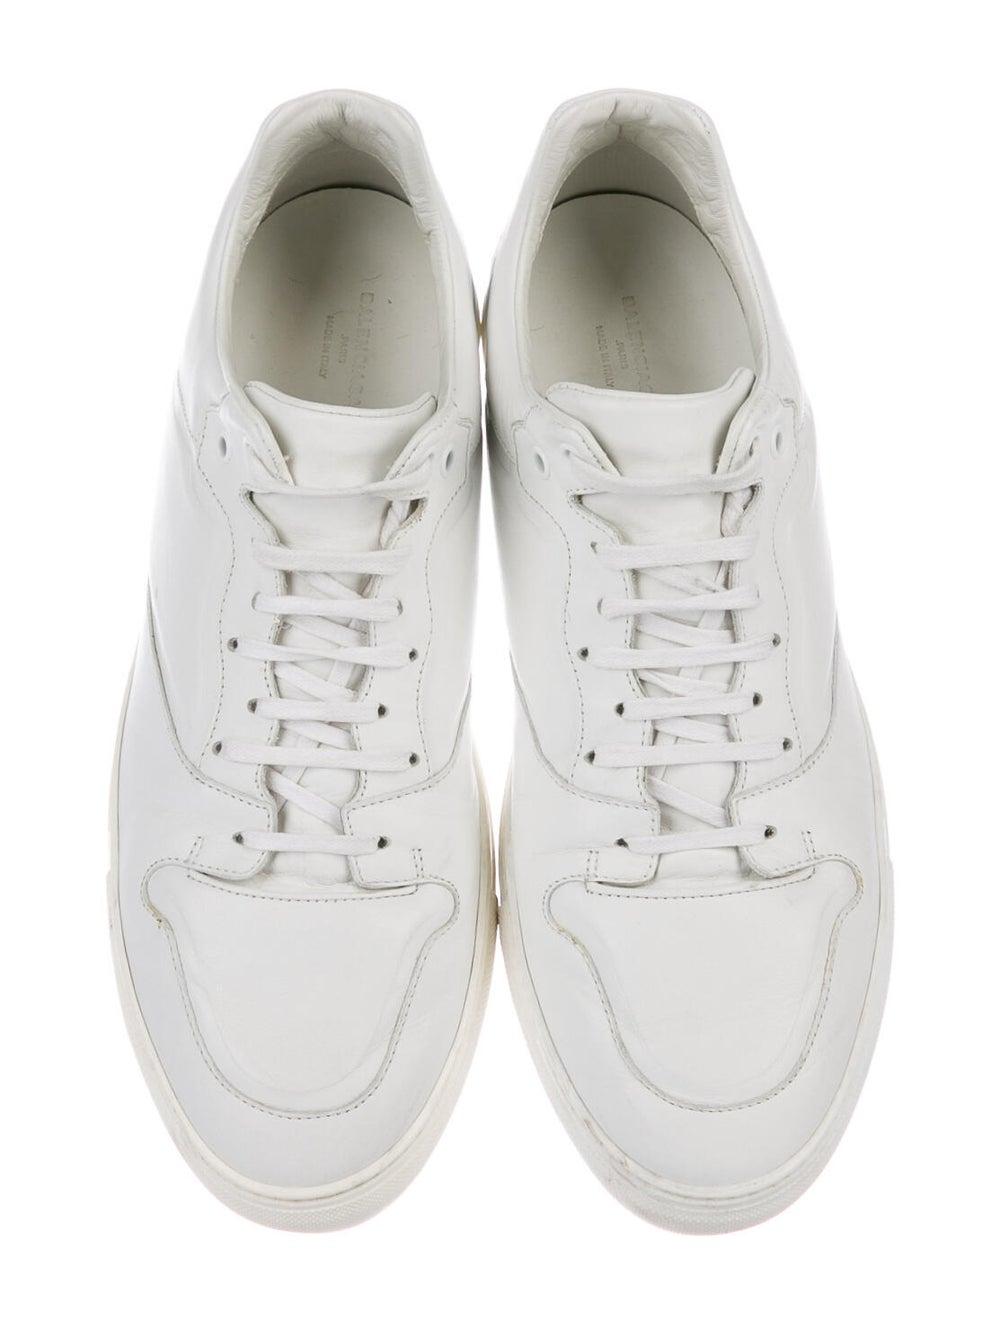 Balenciaga Leather Sneakers White - image 3